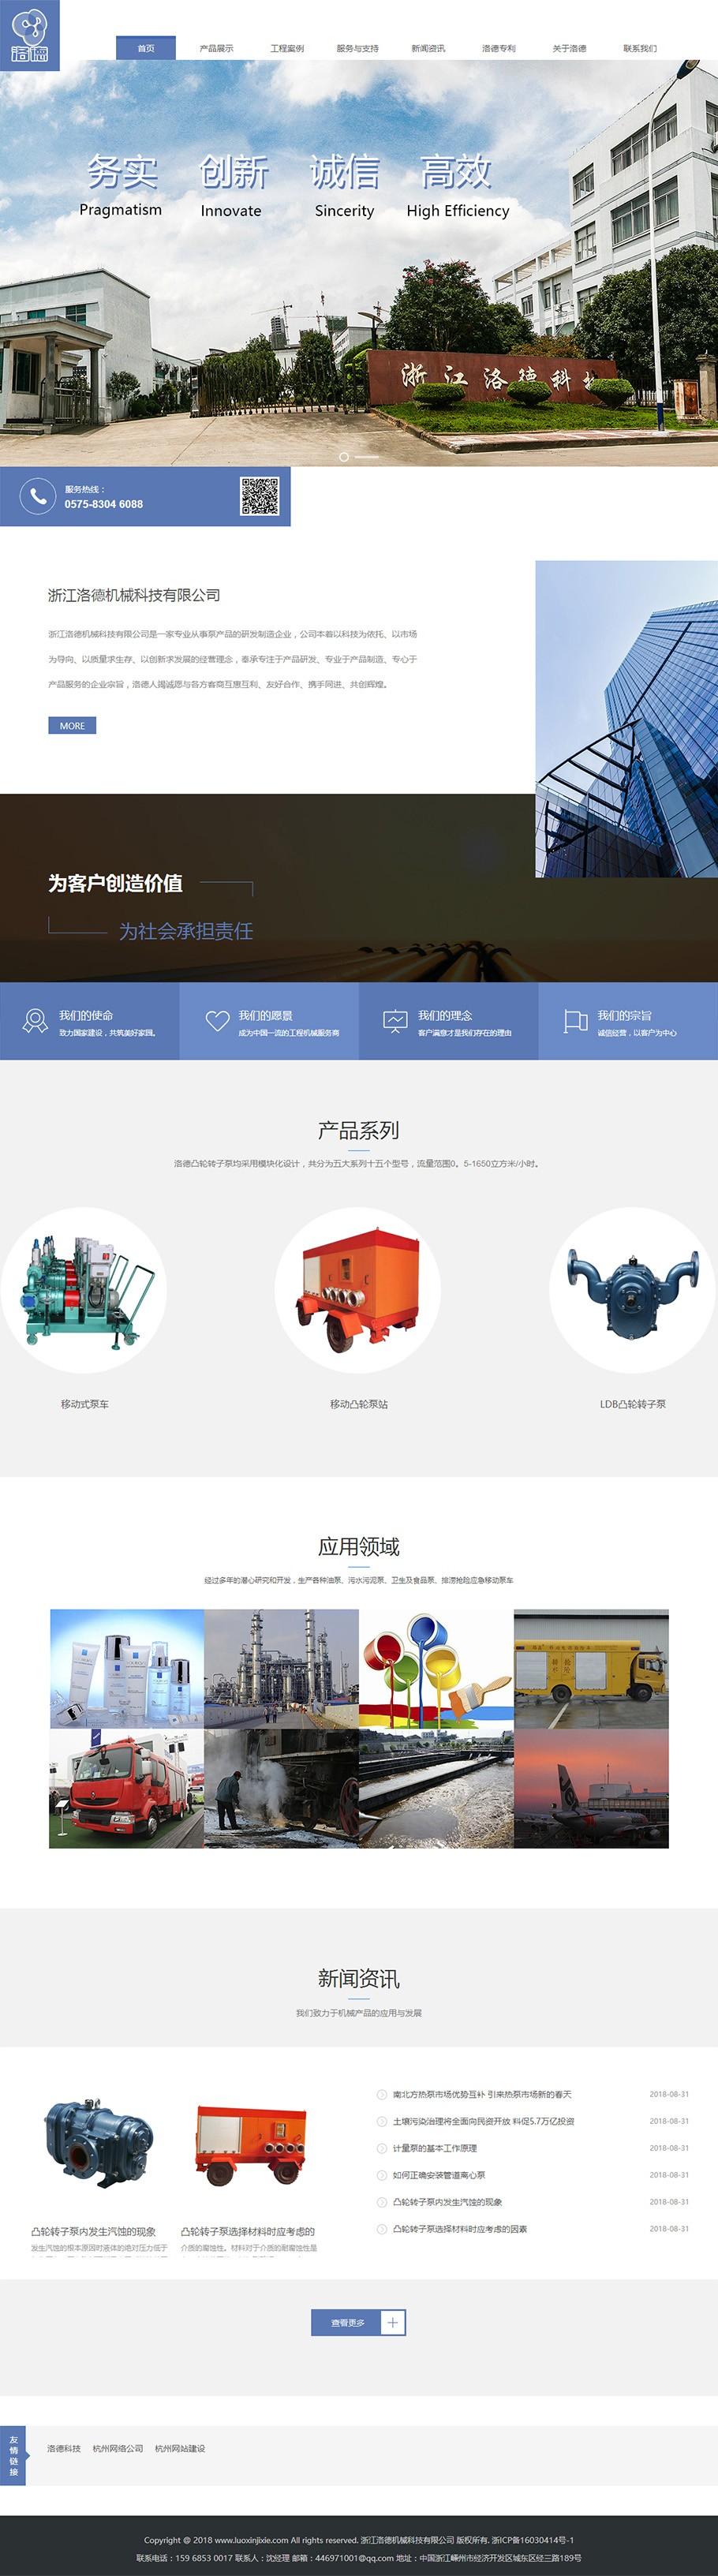 浙江洛德机械科技有限公司.jpg